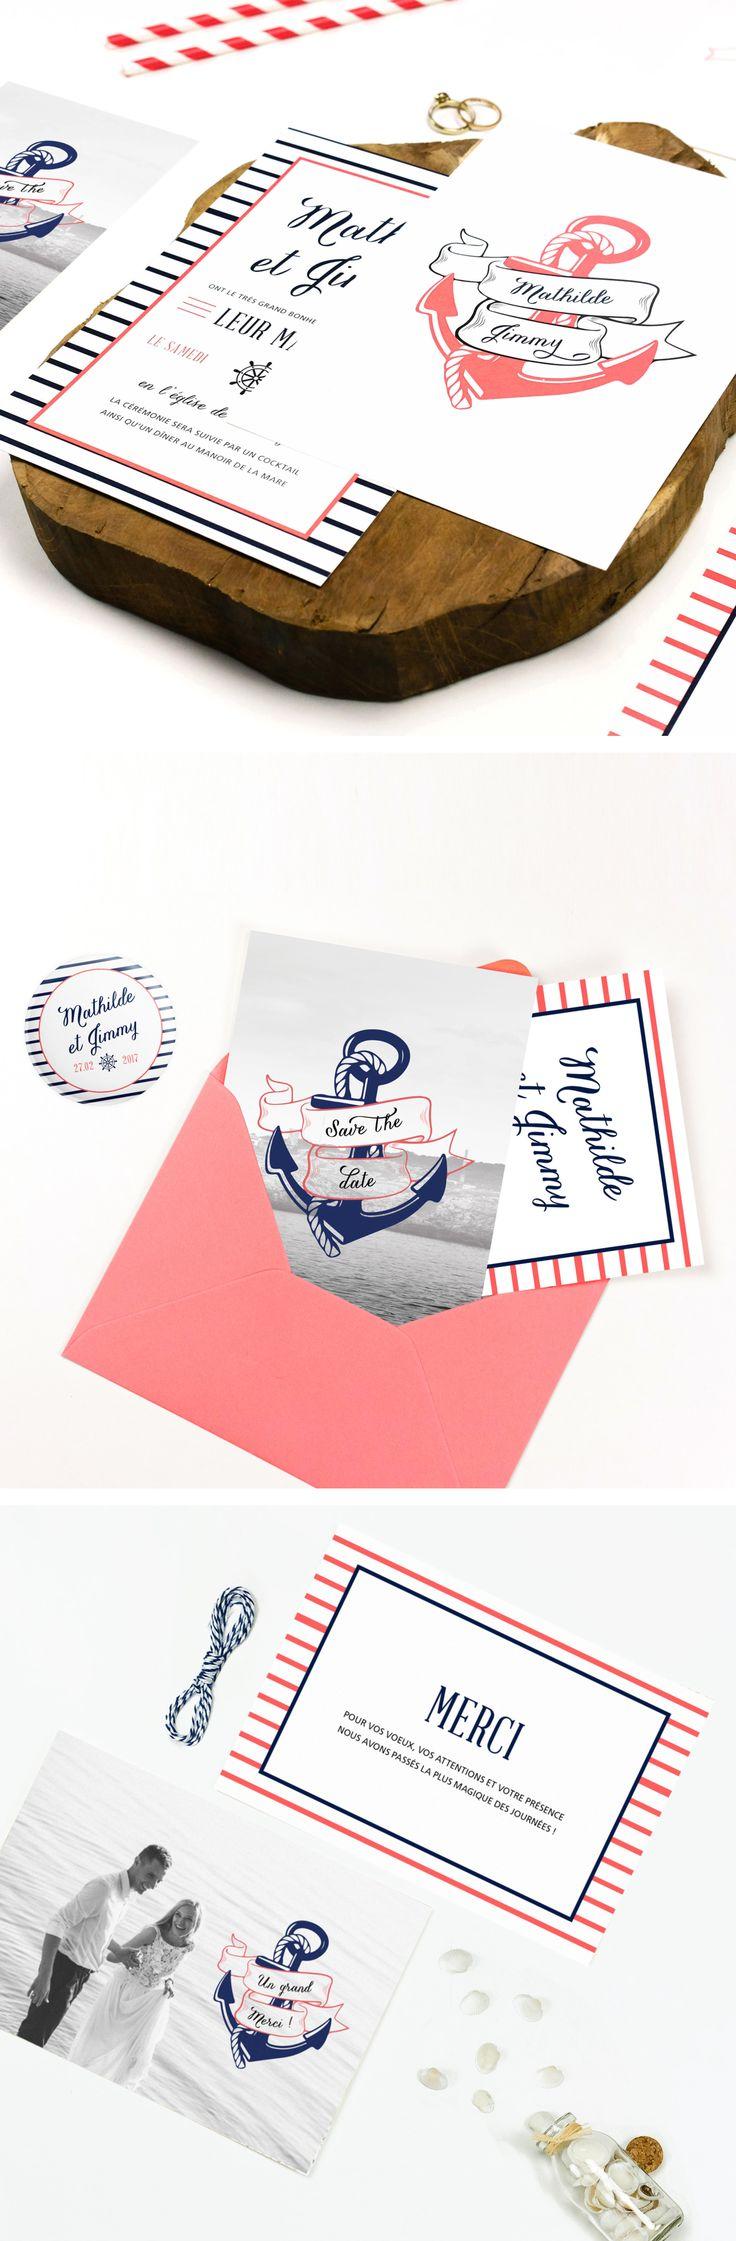 """Collection de papeterie de mariage """"Marin"""", composée de save the date, faire-part, carton réponse, menu, magnet, badges, remerciements,... entièrement personnalisable. Idéal pour un mariage nautique, rétro ou sur le thème du voyage ou de la mer!  www.paperandlove.be #fairepartmariage #marin #nautique #mer #voyage #ancre / """"Nautical"""" Wedding stationery, composed of save the date, invitation, rsvp, menu, magnet, thank you card,... fully customizable. #weddinginvitation #nautical #anchor…"""